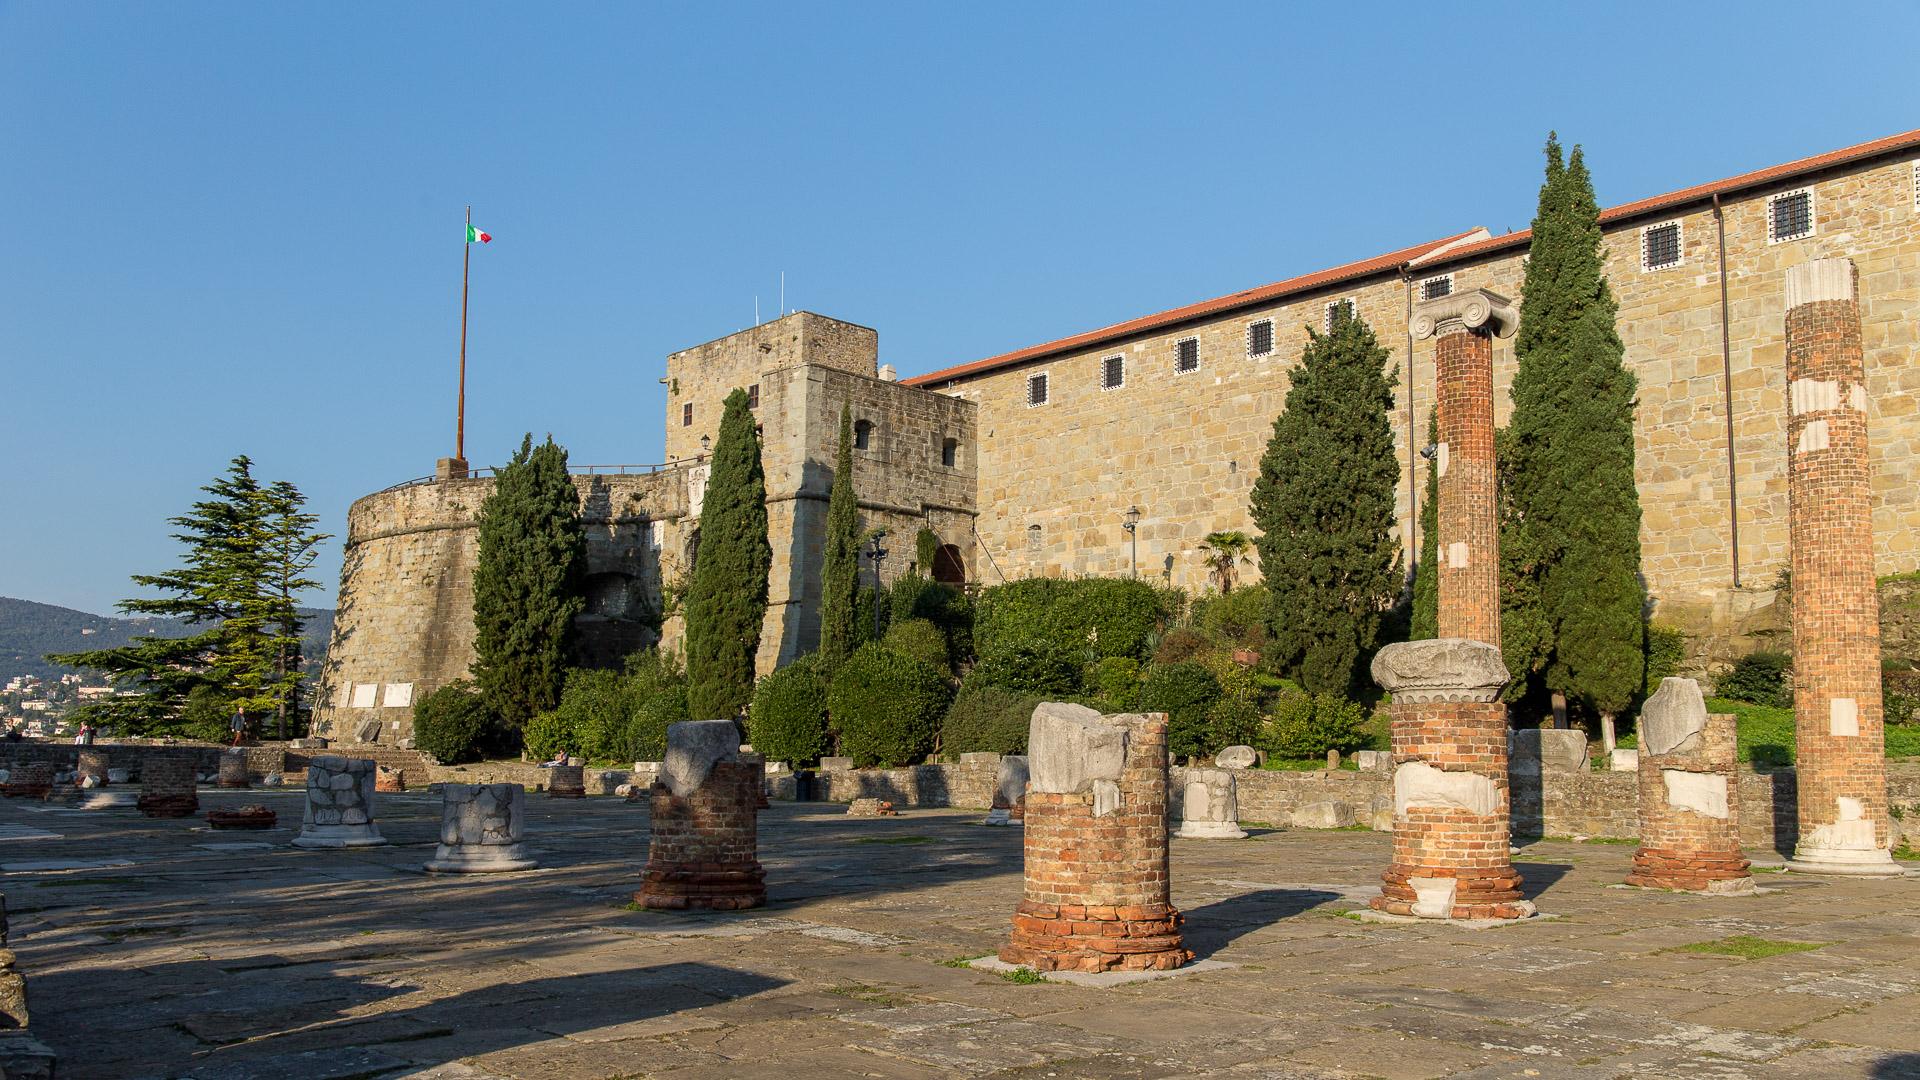 Überreste der römischen Basilika und die Festung San Giusto im dahinter